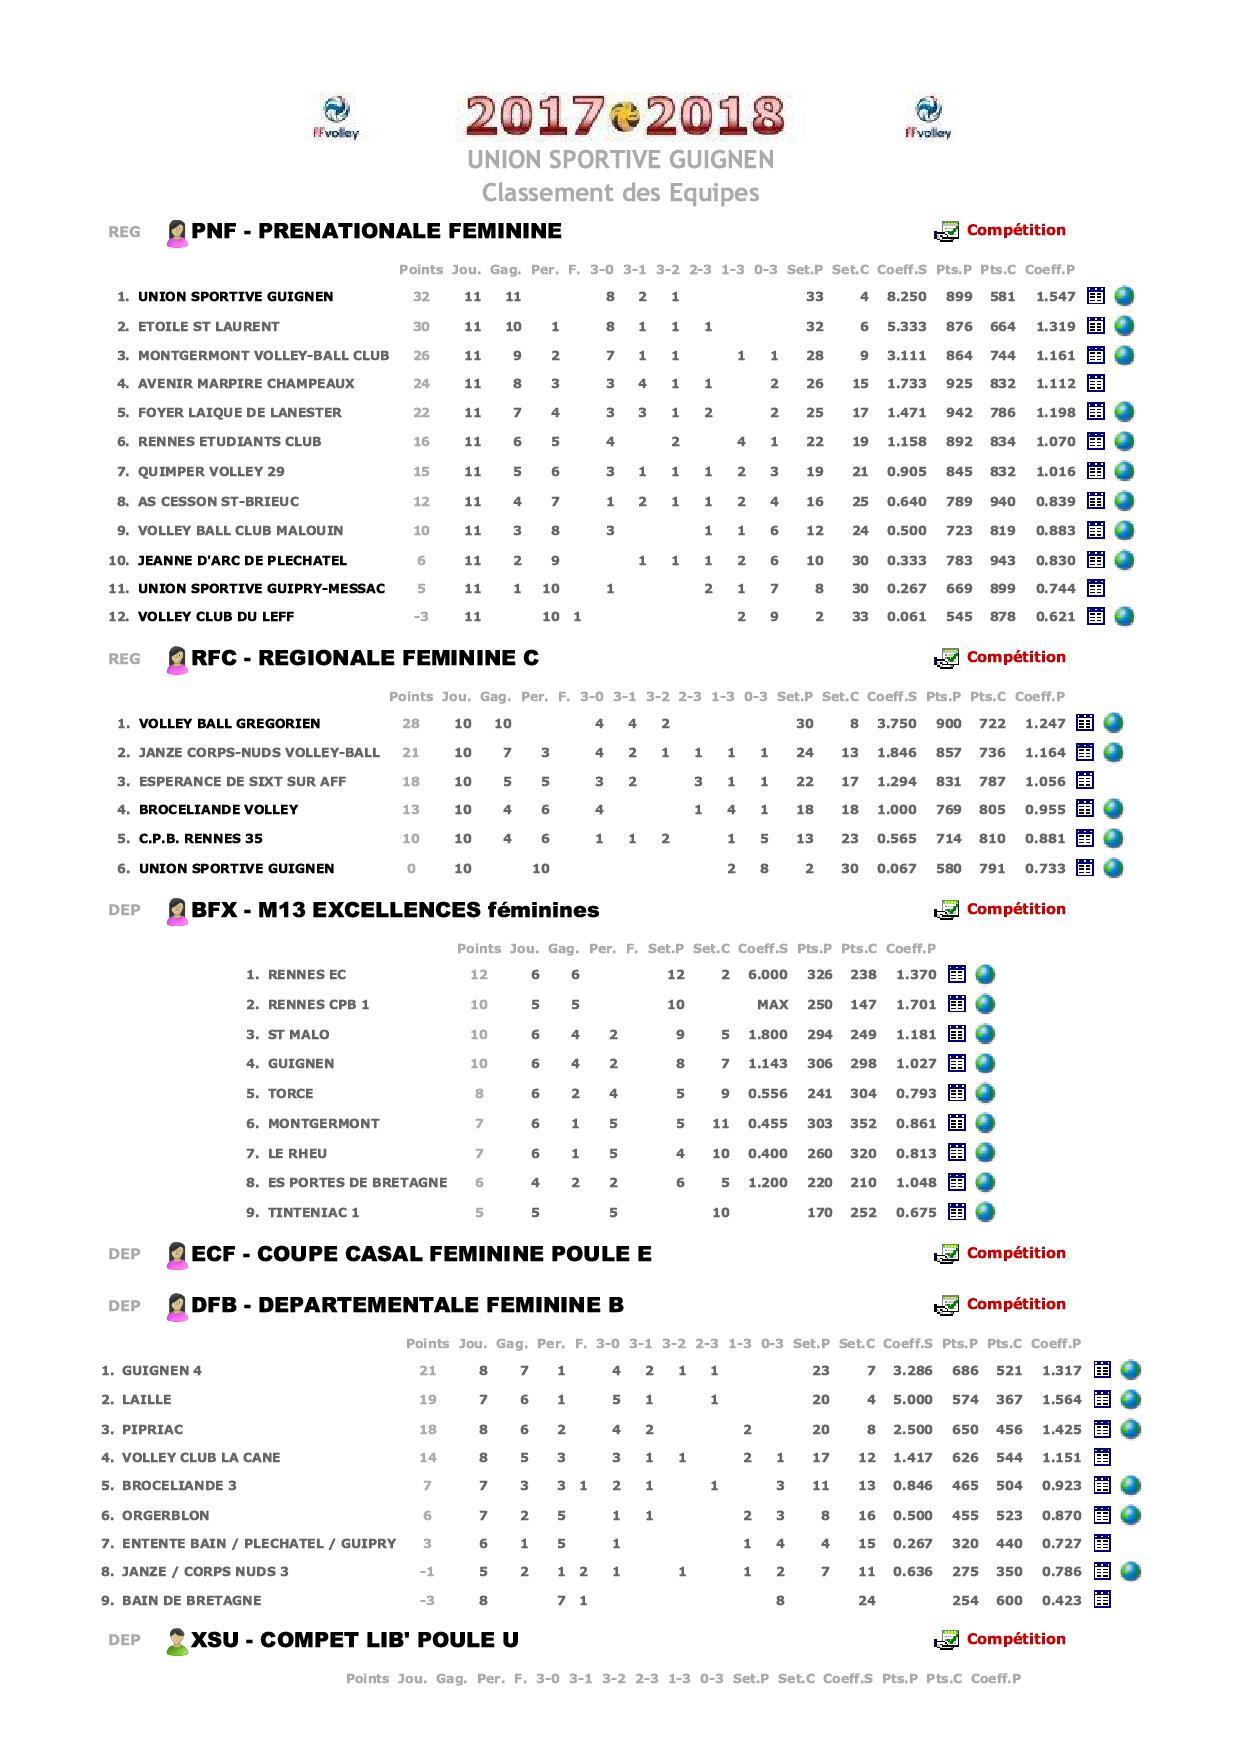 FFVB - Classements des Equipes1.jpg